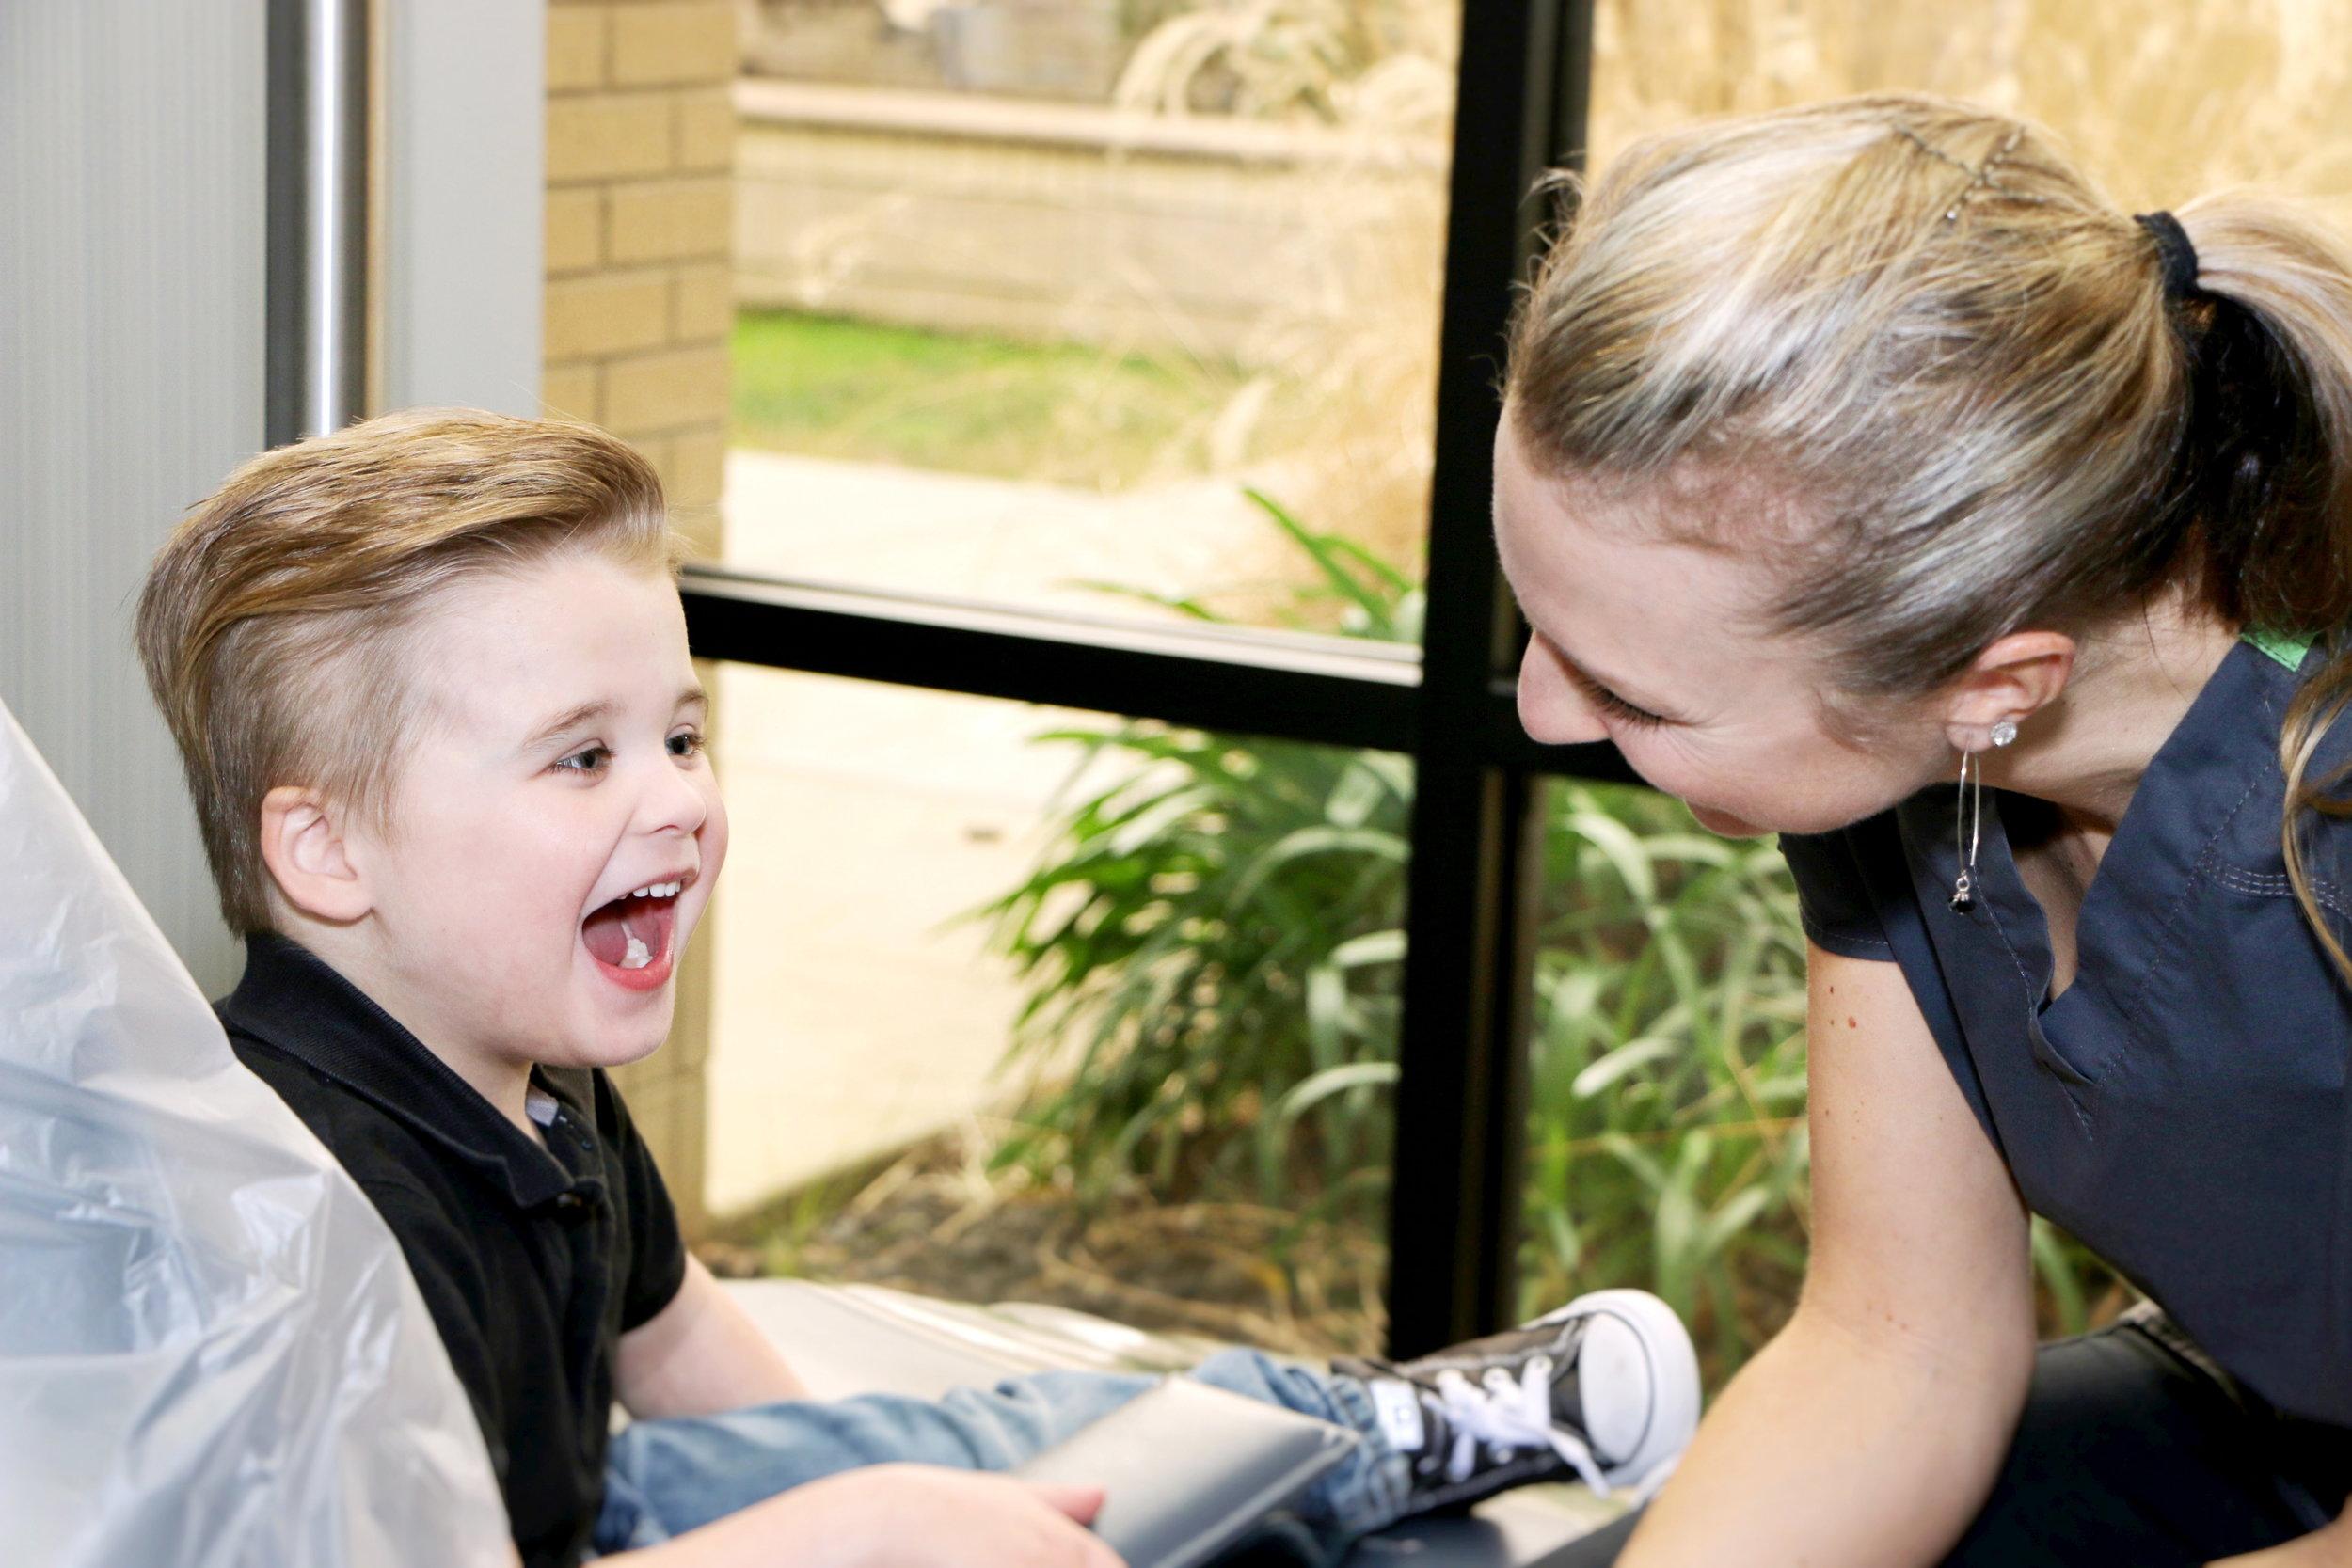 Pediatric dental care